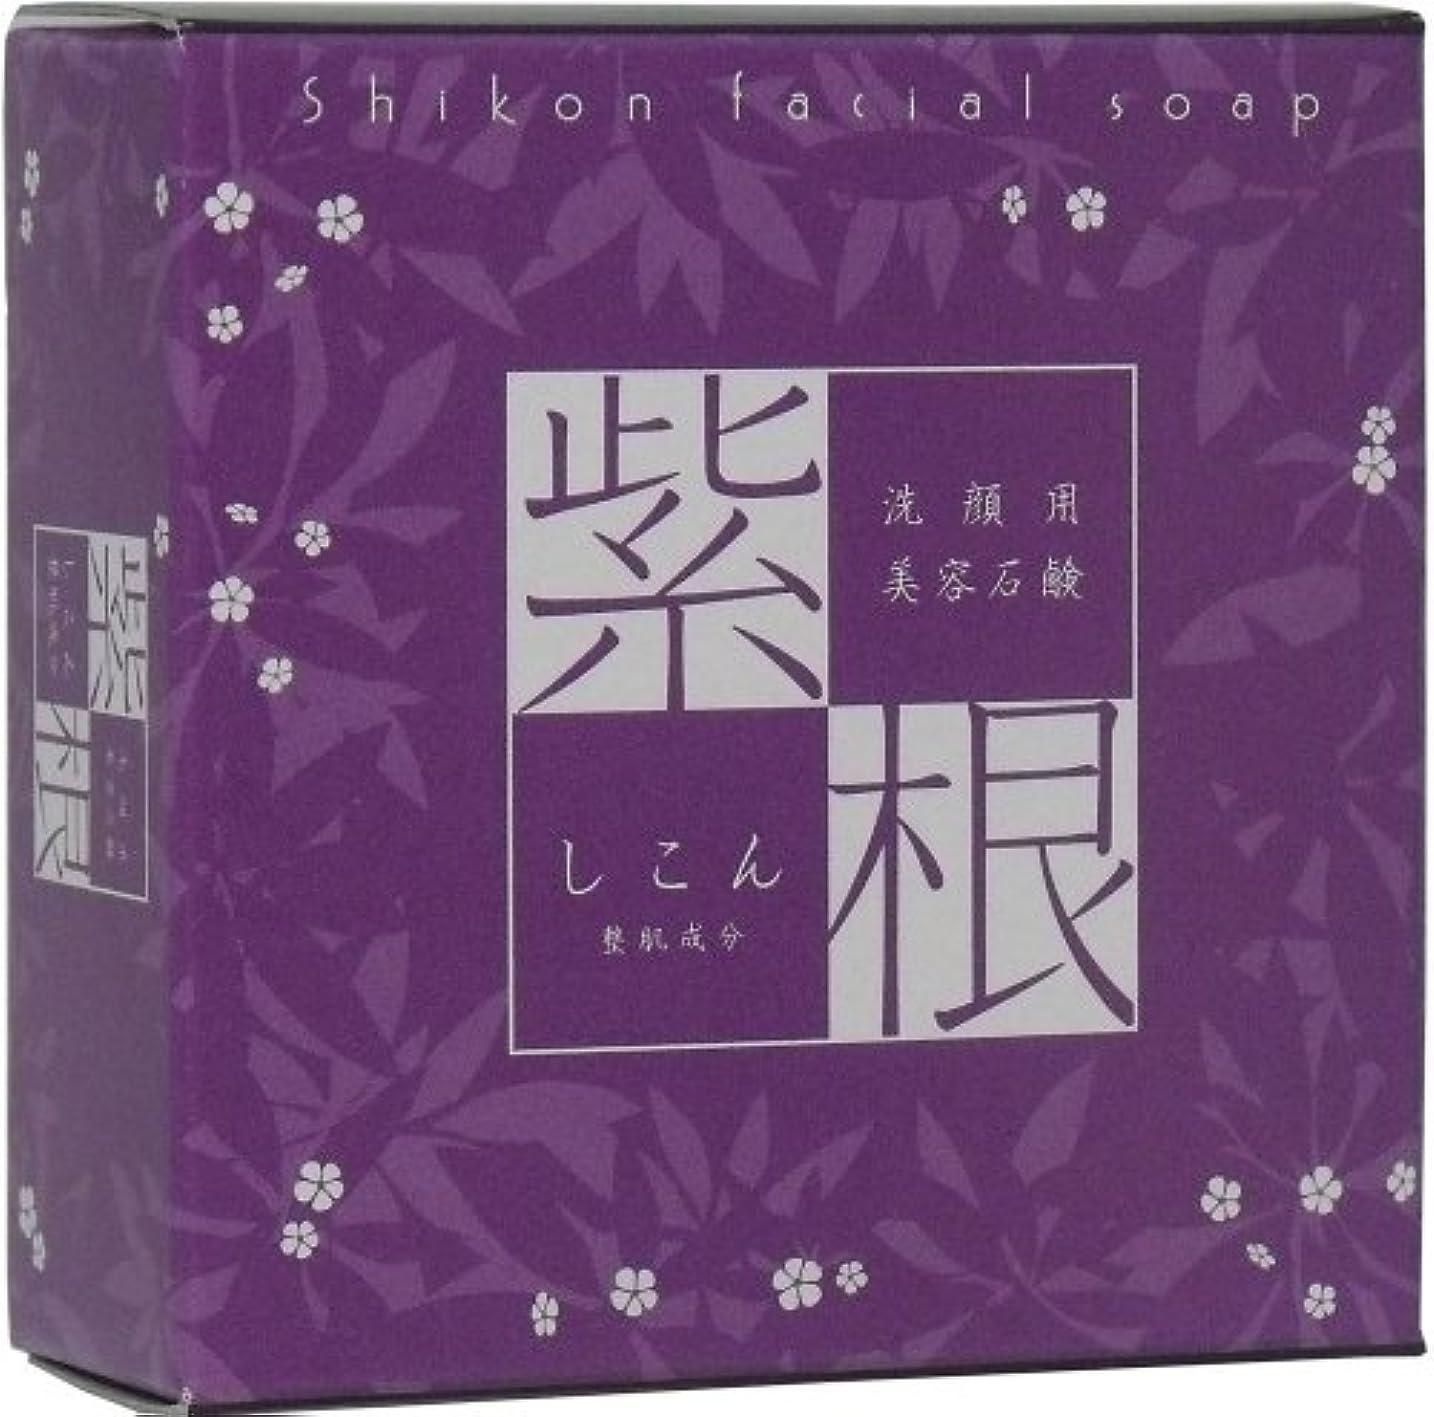 洗顔用 紫根石けん (泡立てネット付き) 100g (商品内訳:単品1個)